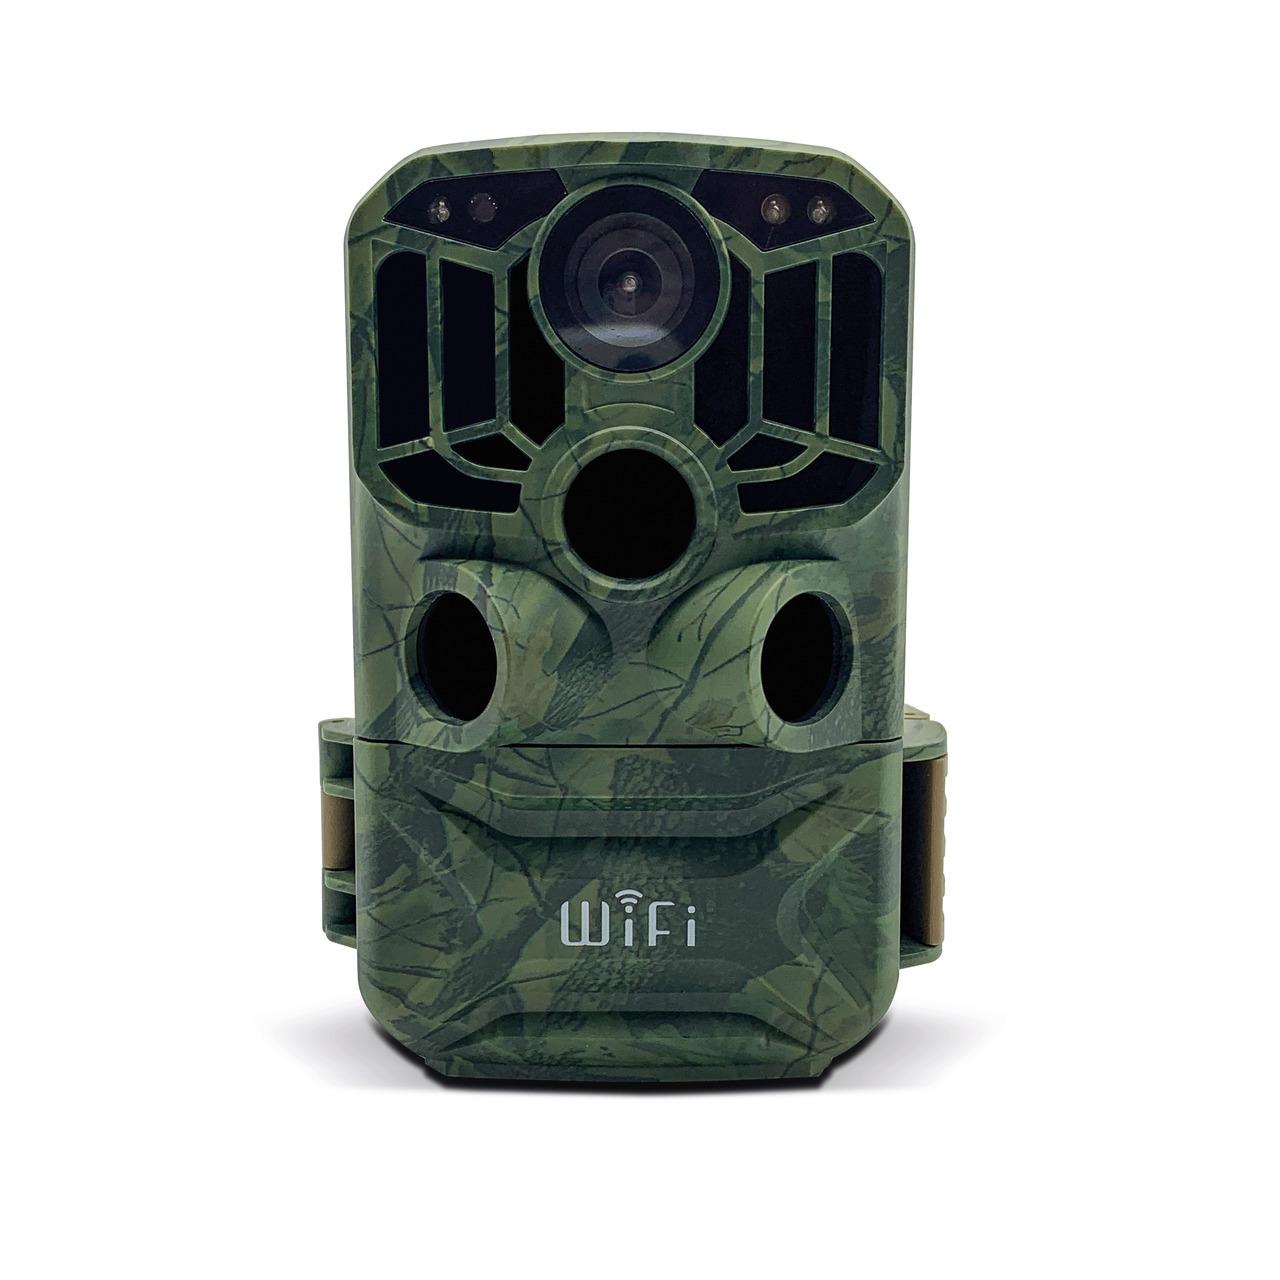 Braun Fotofalle - Wildkamera Scouting Cam Black800 WiFi- 24 MP- 1296p- IP66- Auslund-246 sezeit 0-6s